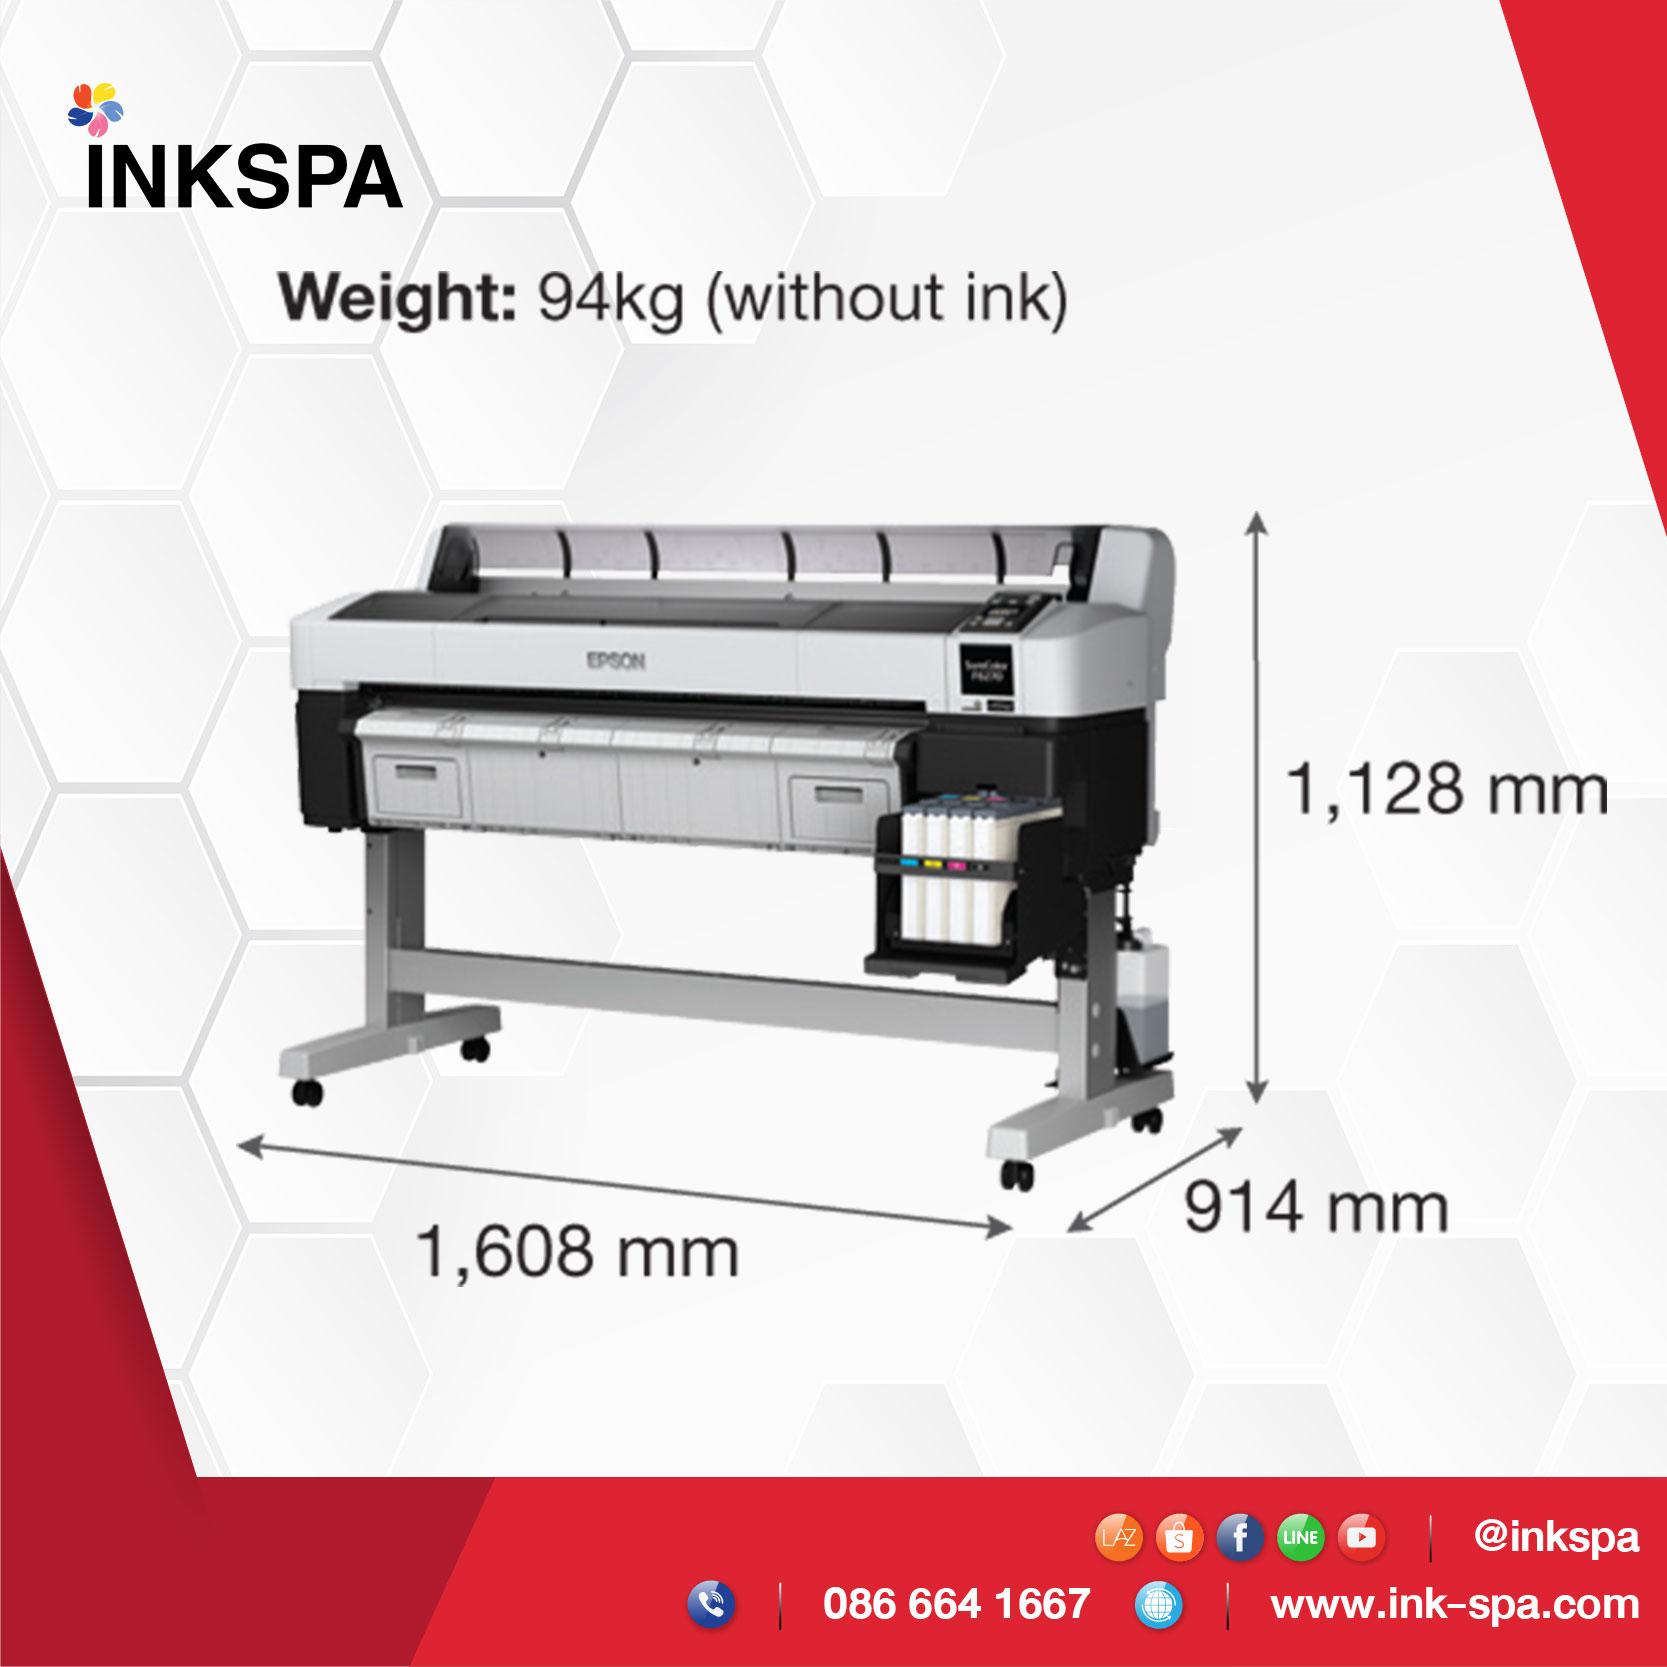 เครื่องพิมพ์เสื้อ, เครื่องพิมพ์ซับ , Epson f6270, เครื่องพิมพ์ซับลิเมชั่น, sublimation, Epson f6330, Epson f9330,Epson f9430